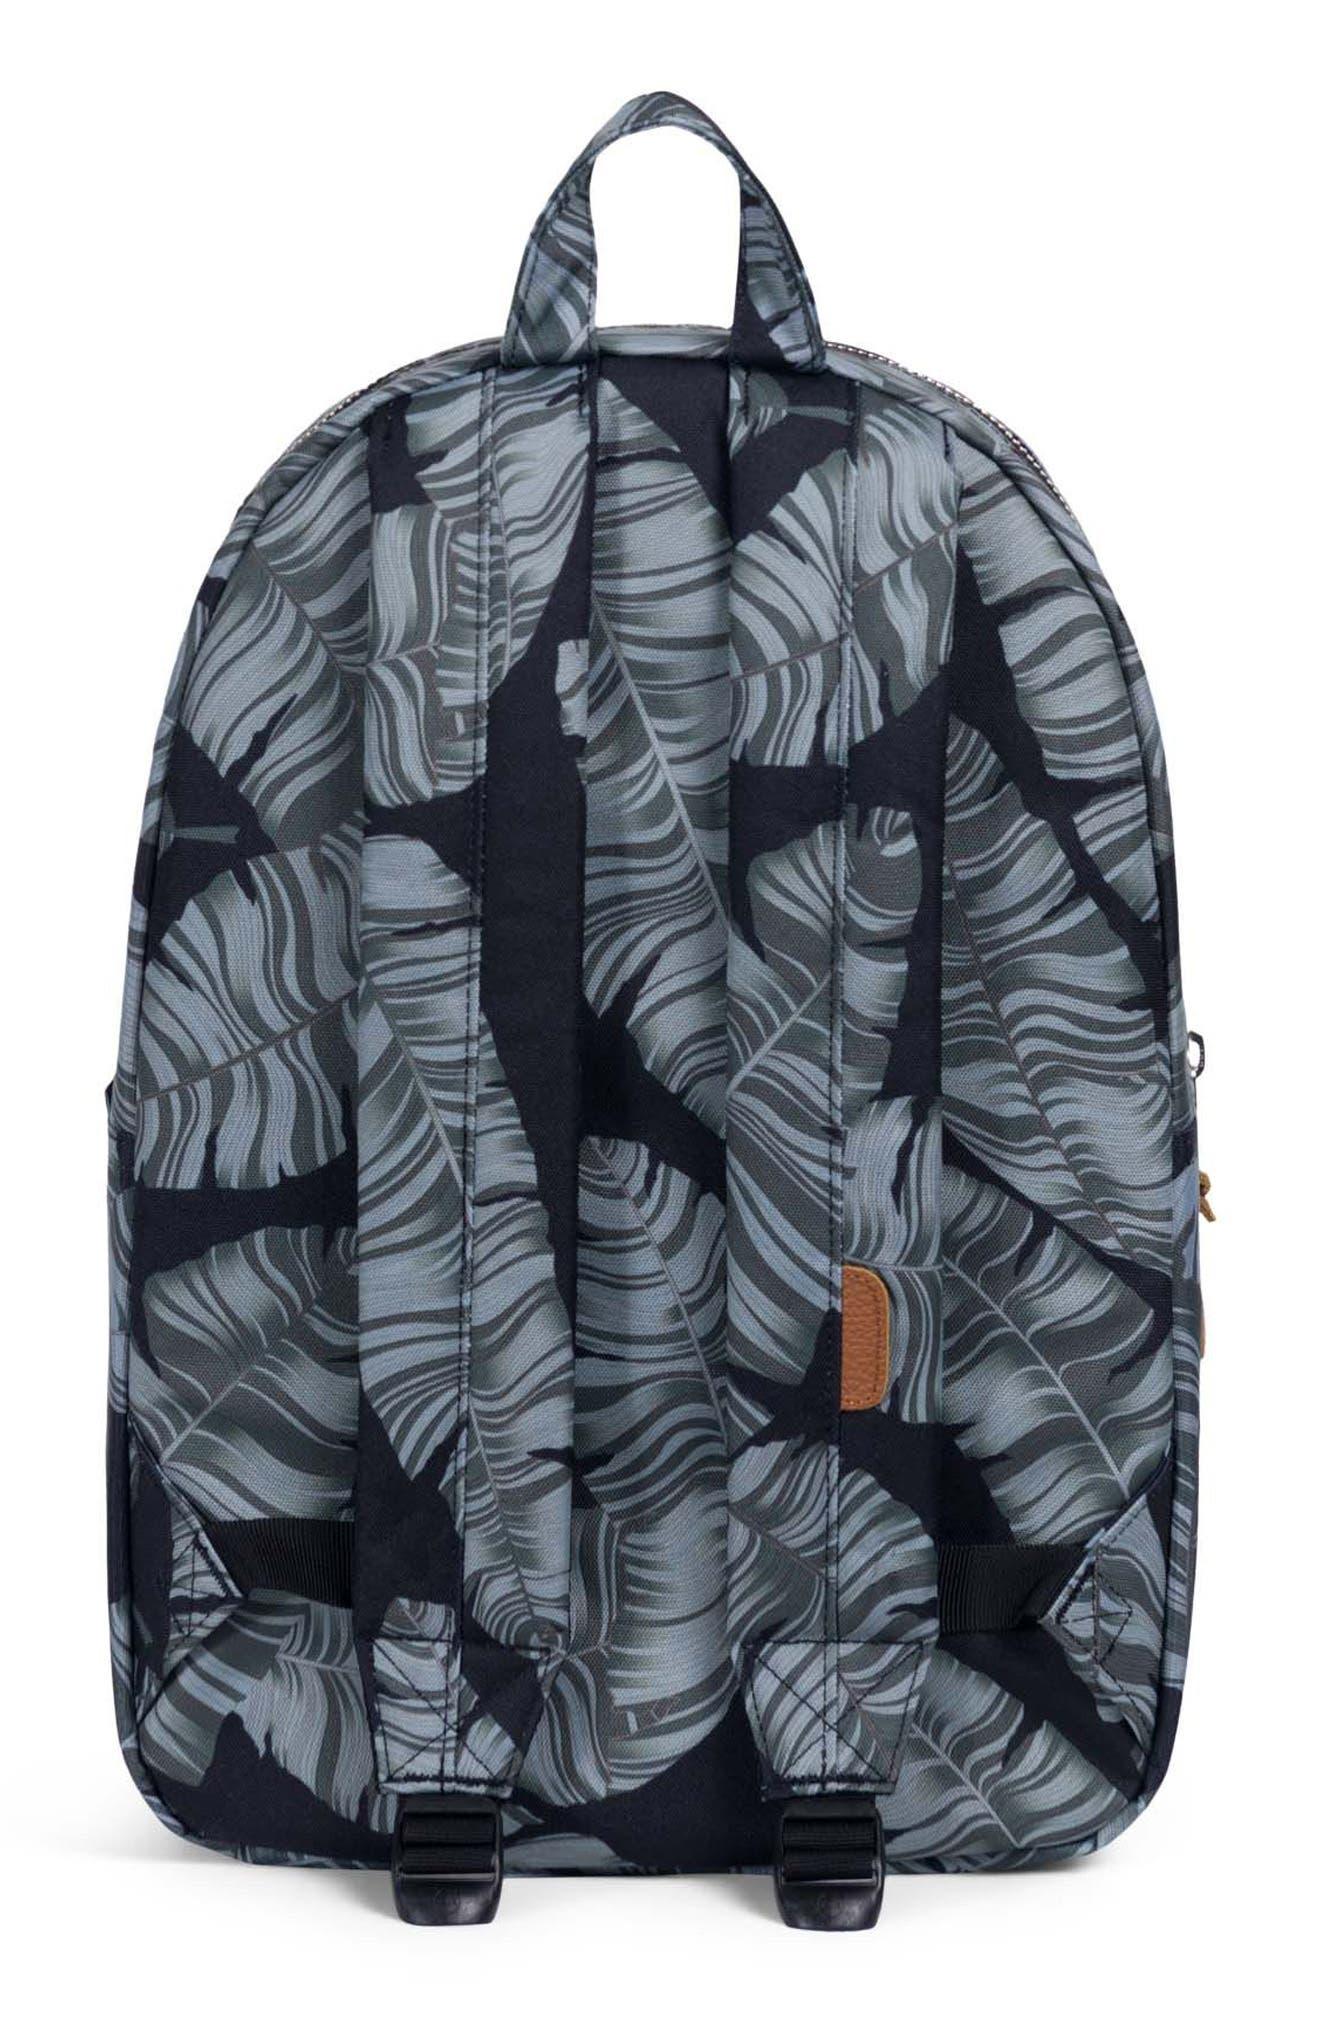 Settlement Aspect Backpack,                             Alternate thumbnail 3, color,                             Black Palm